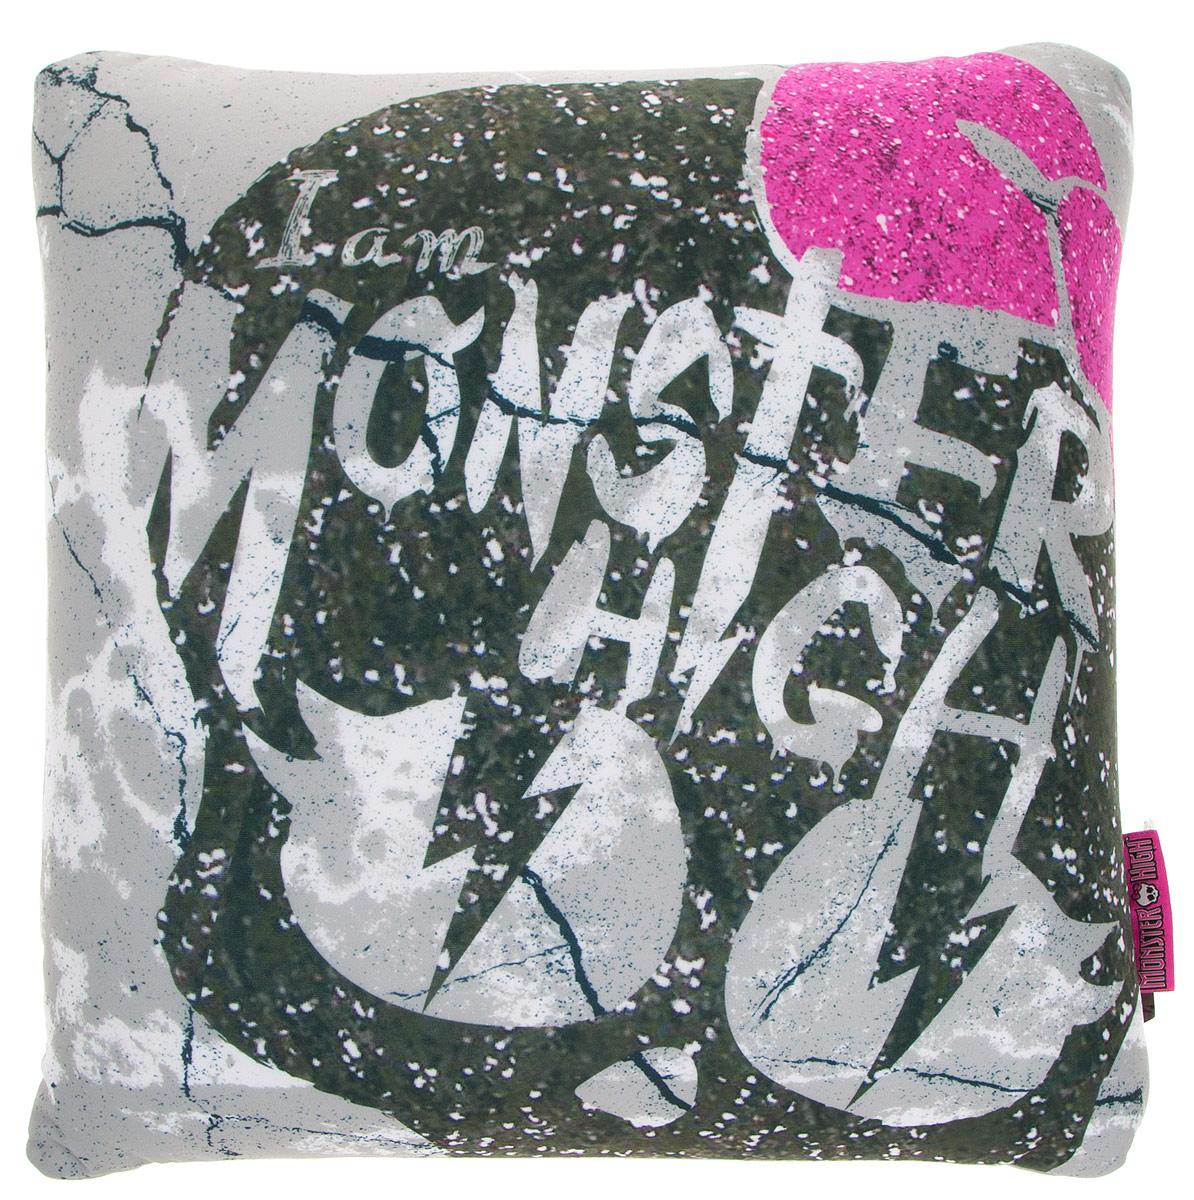 Maxi Toys Подушка Monster High цвет серый оливковый розовый531-401Яркая и оригинальная подушка Maxi Toys Monster High станет отличным аксессуаром к интерьеру любой детской комнаты! Подушка украшена принтом в стиле популярного мультсериала Monster High.Мягкую подушку можно взять с собой в путешествие - в самолете и автомобиле положить ее под голову во время отдыха, а наполнение в виде маленьких полимерных шариков будет отлично снимать стресс. Размер подушки: 32 см х 32 см х 14 см.